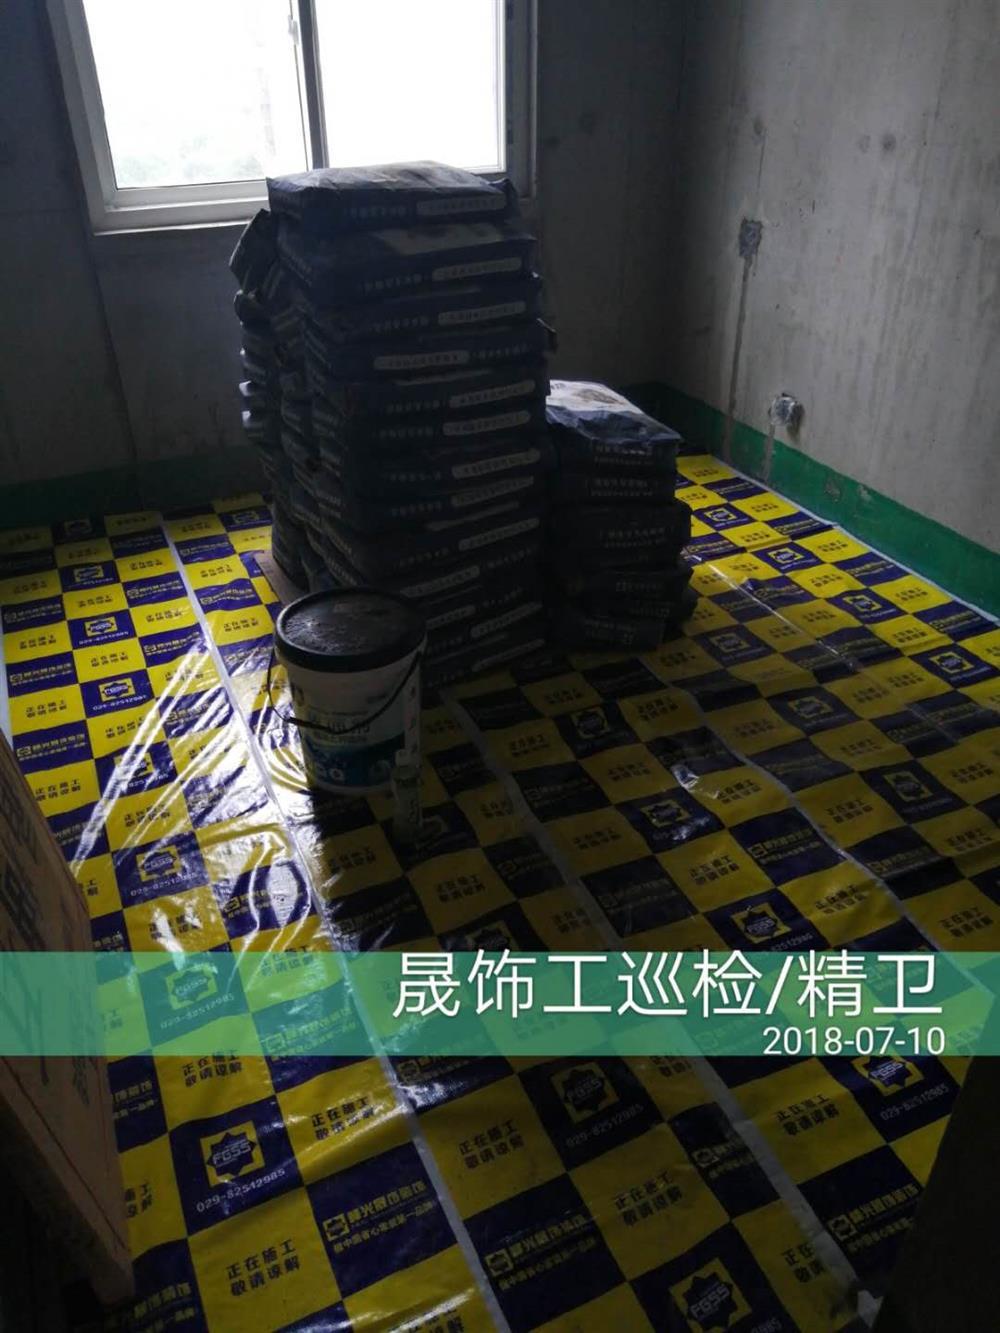 峰光晟饰准备阶段